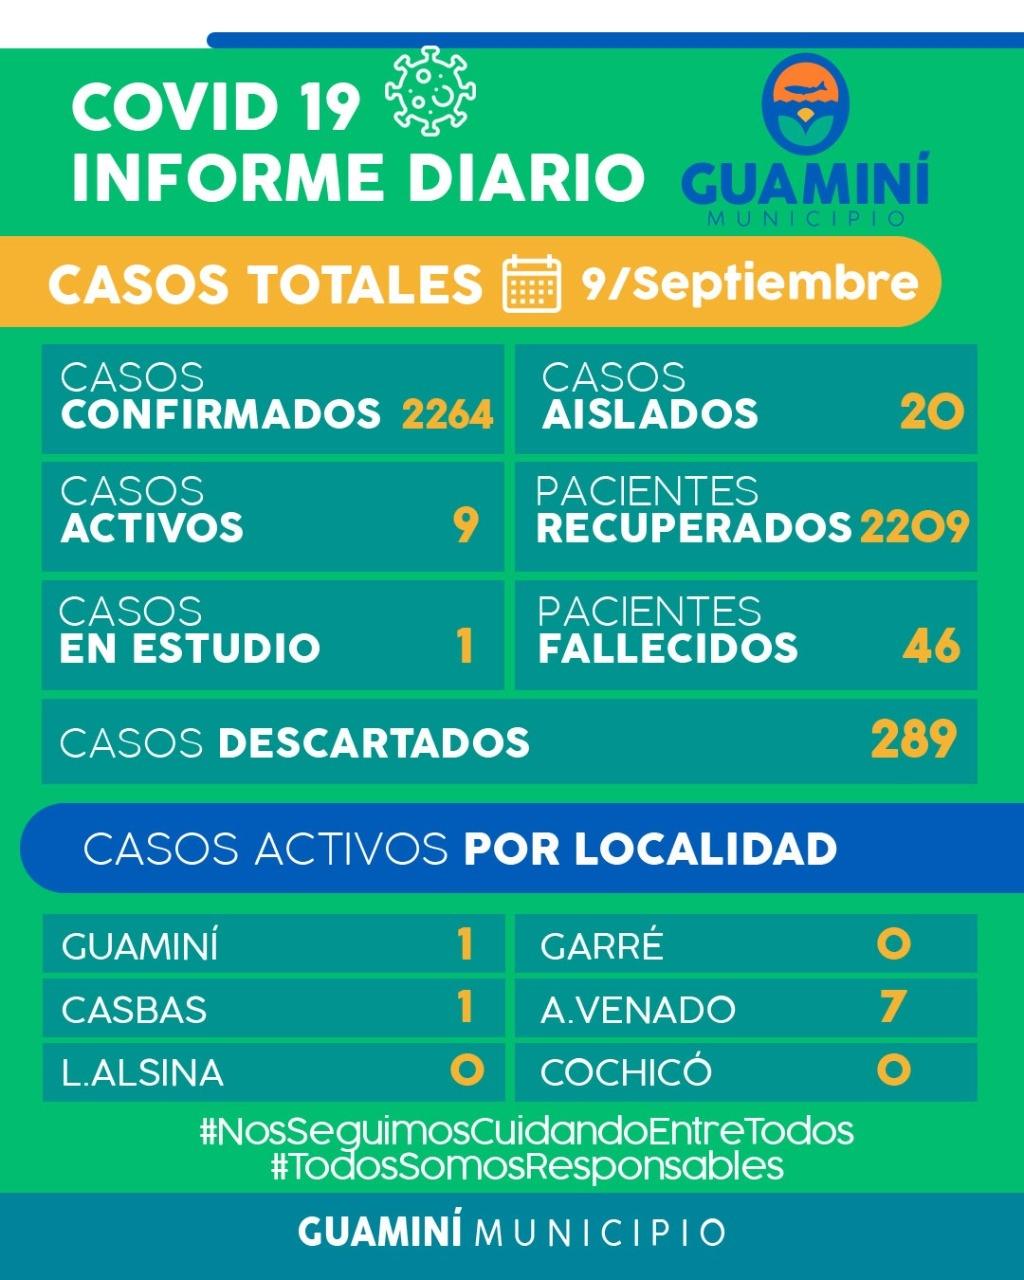 CORONAVIRUS: INFORME DIARIO DE SITUACIÓN A NIVEL LOCAL - 9 DE SEPTIEMBRE -